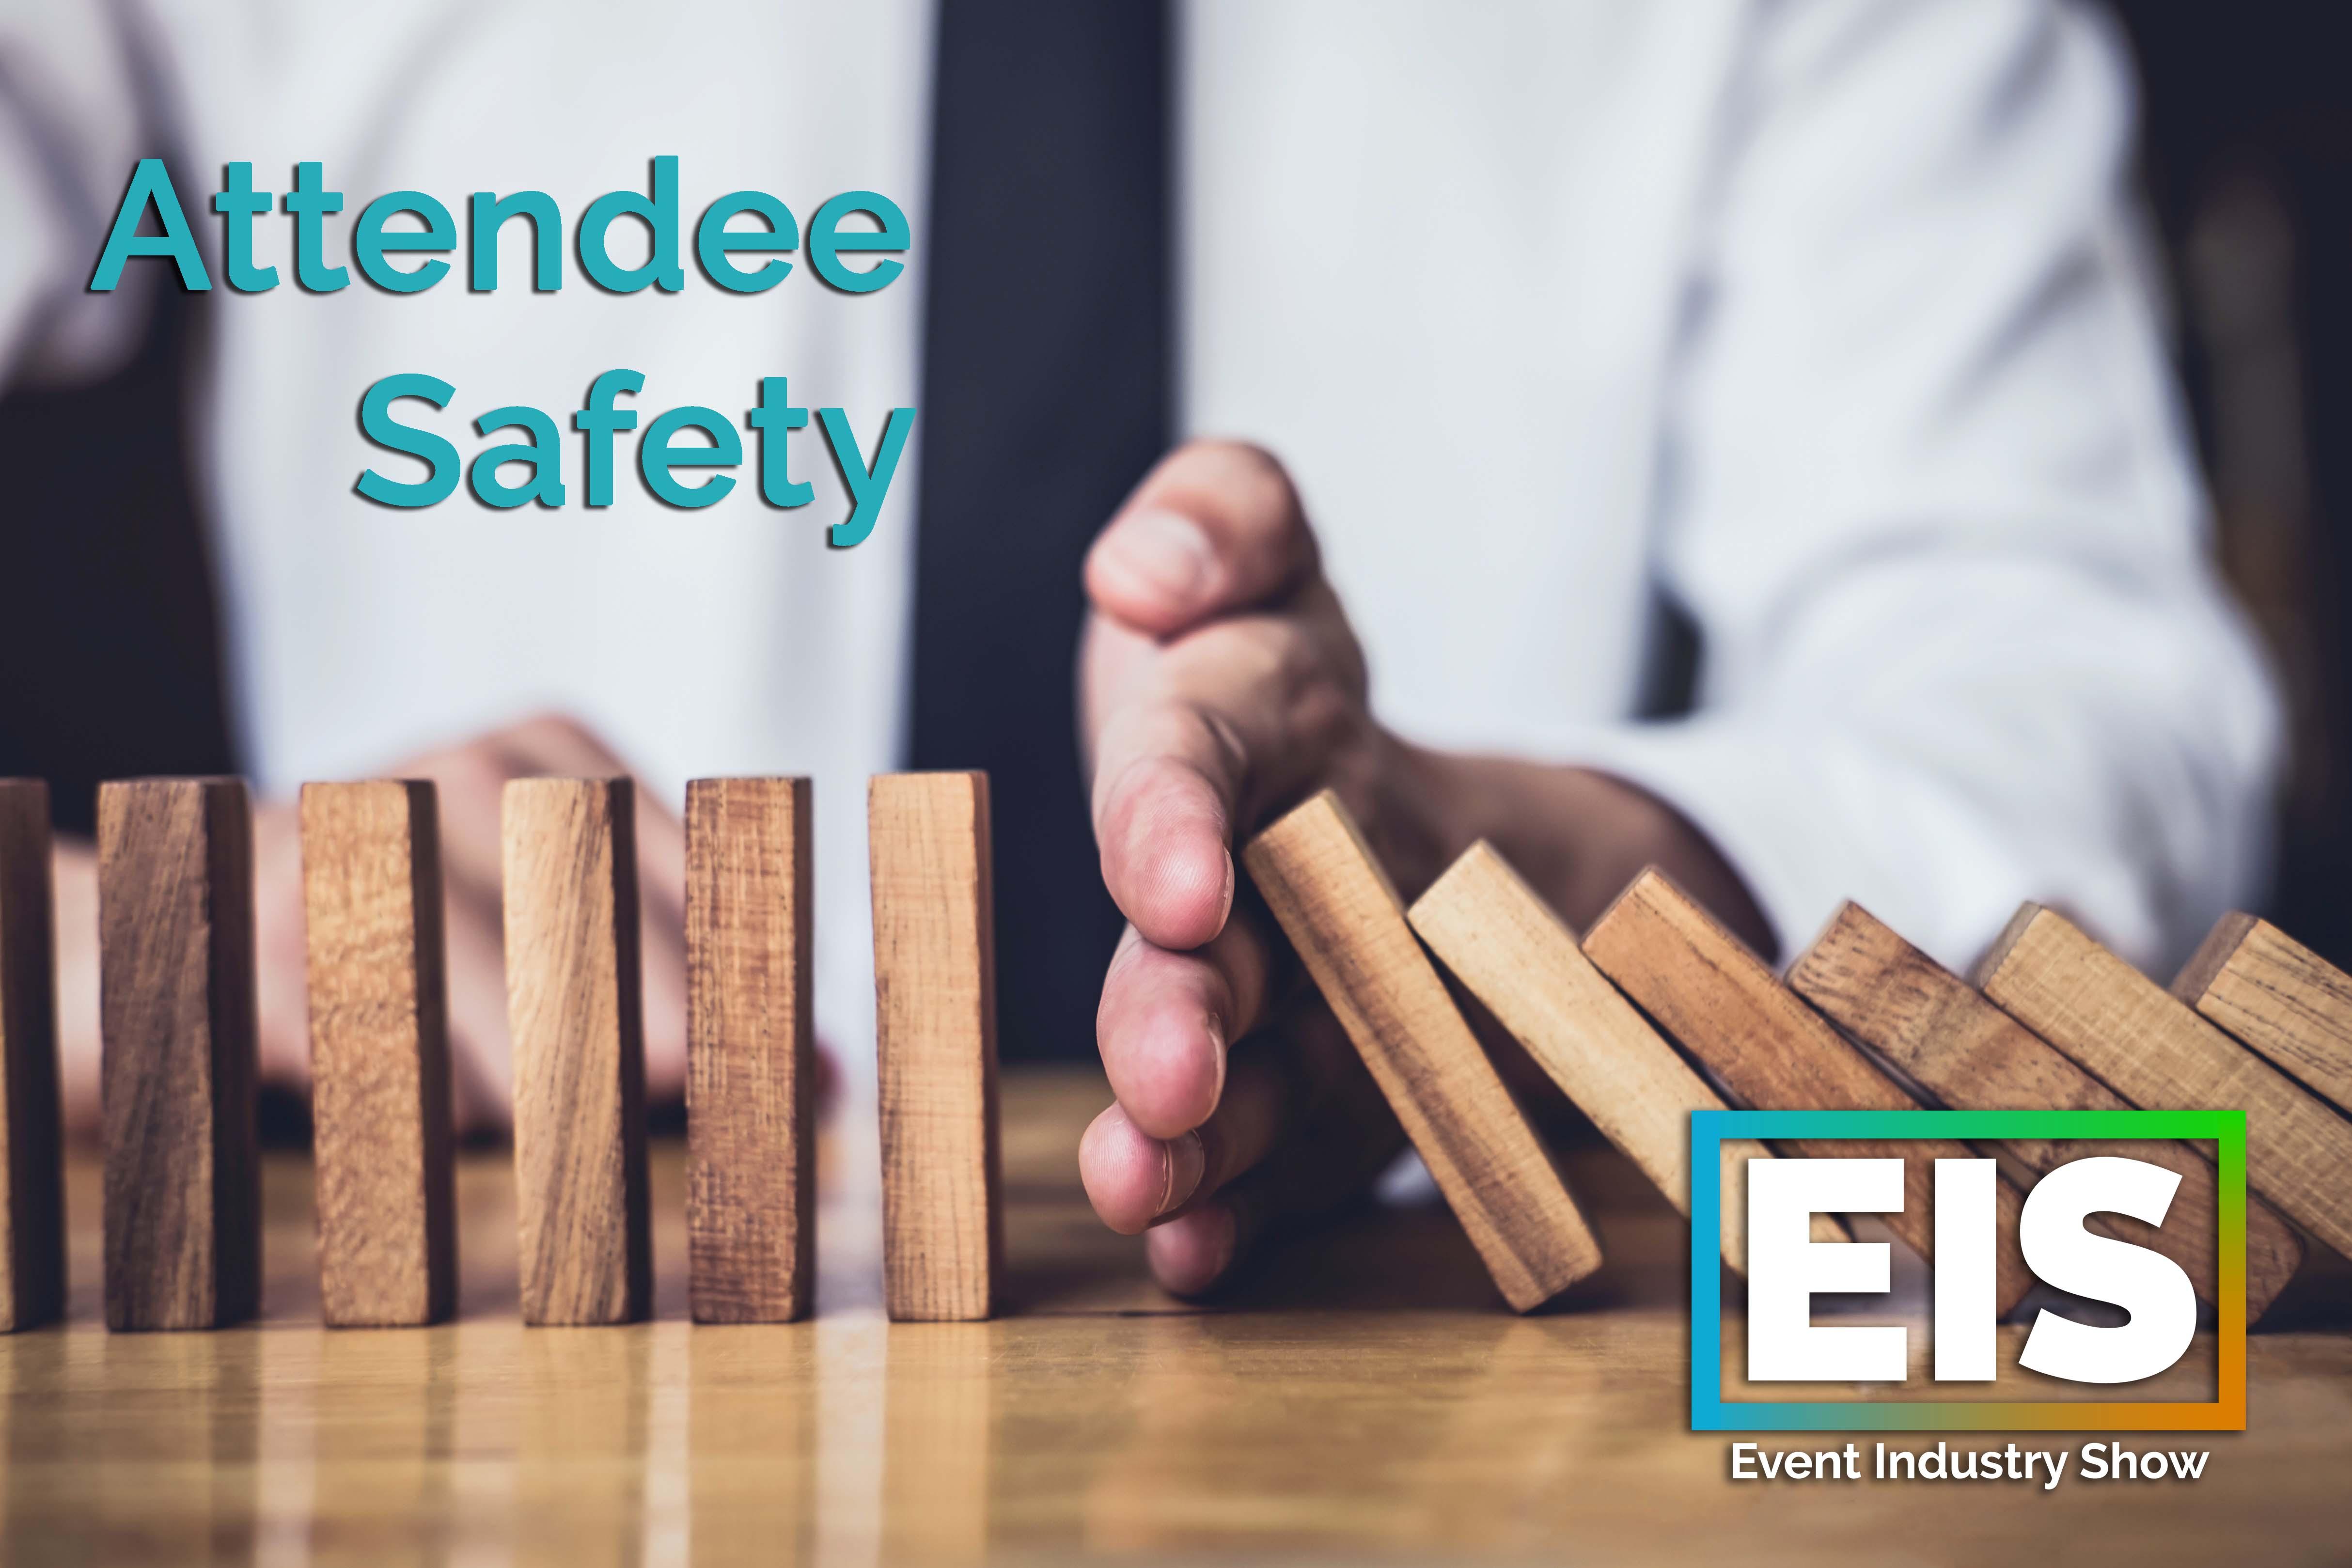 Attendee Safety, la seguridad de los asistentes es la máxima prioridad para eventos